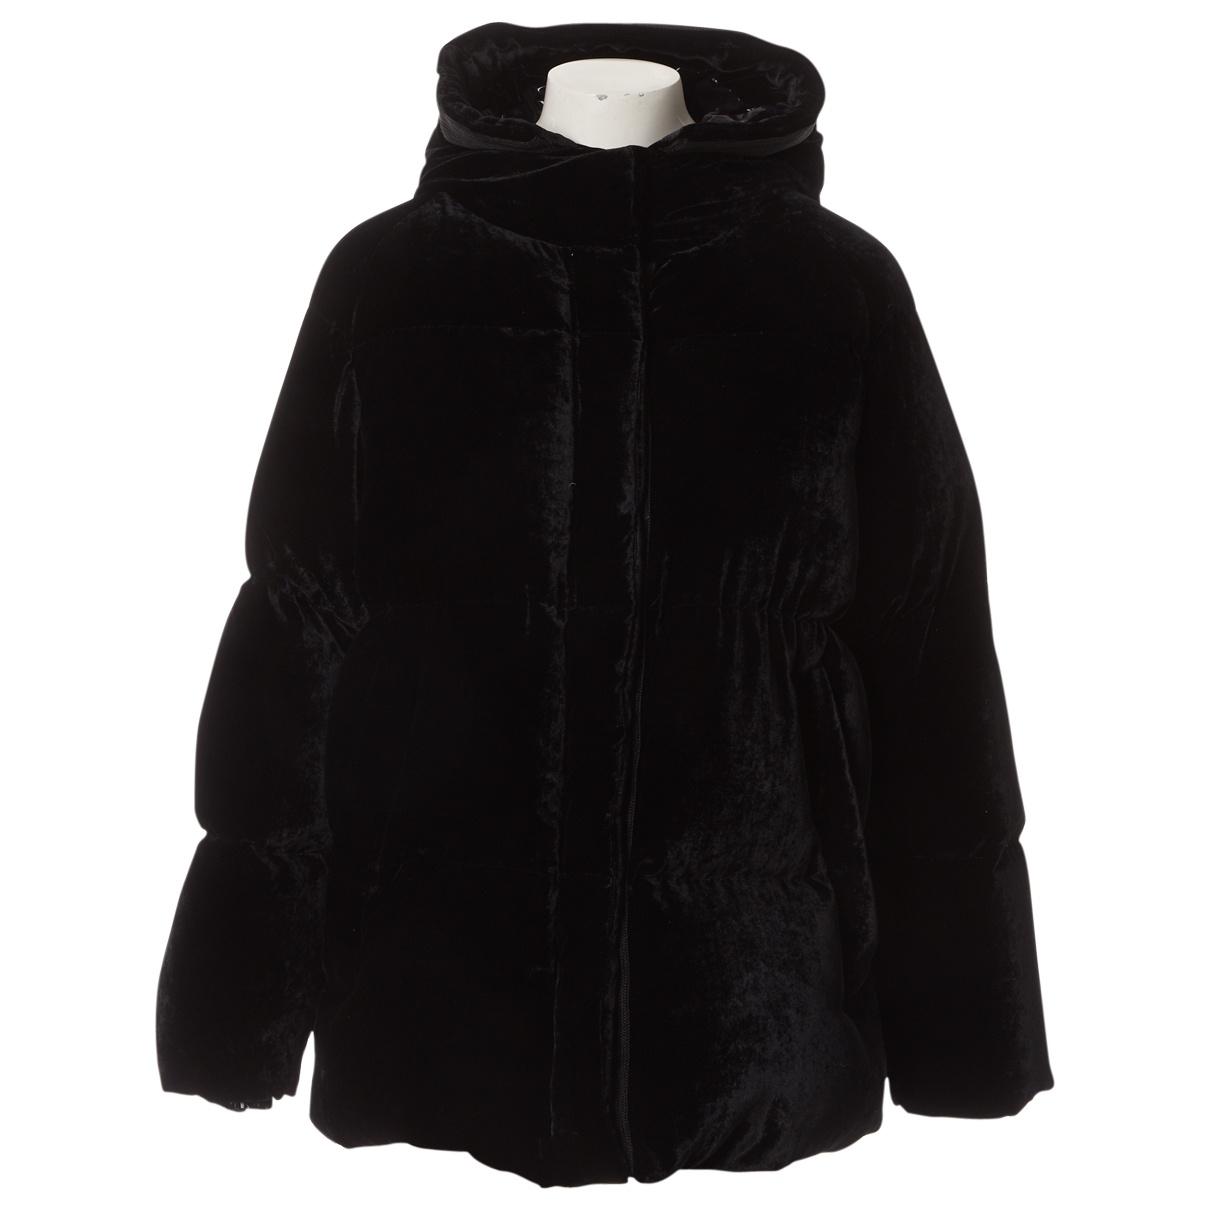 Moncler - Manteau Hood pour femme en velours - noir